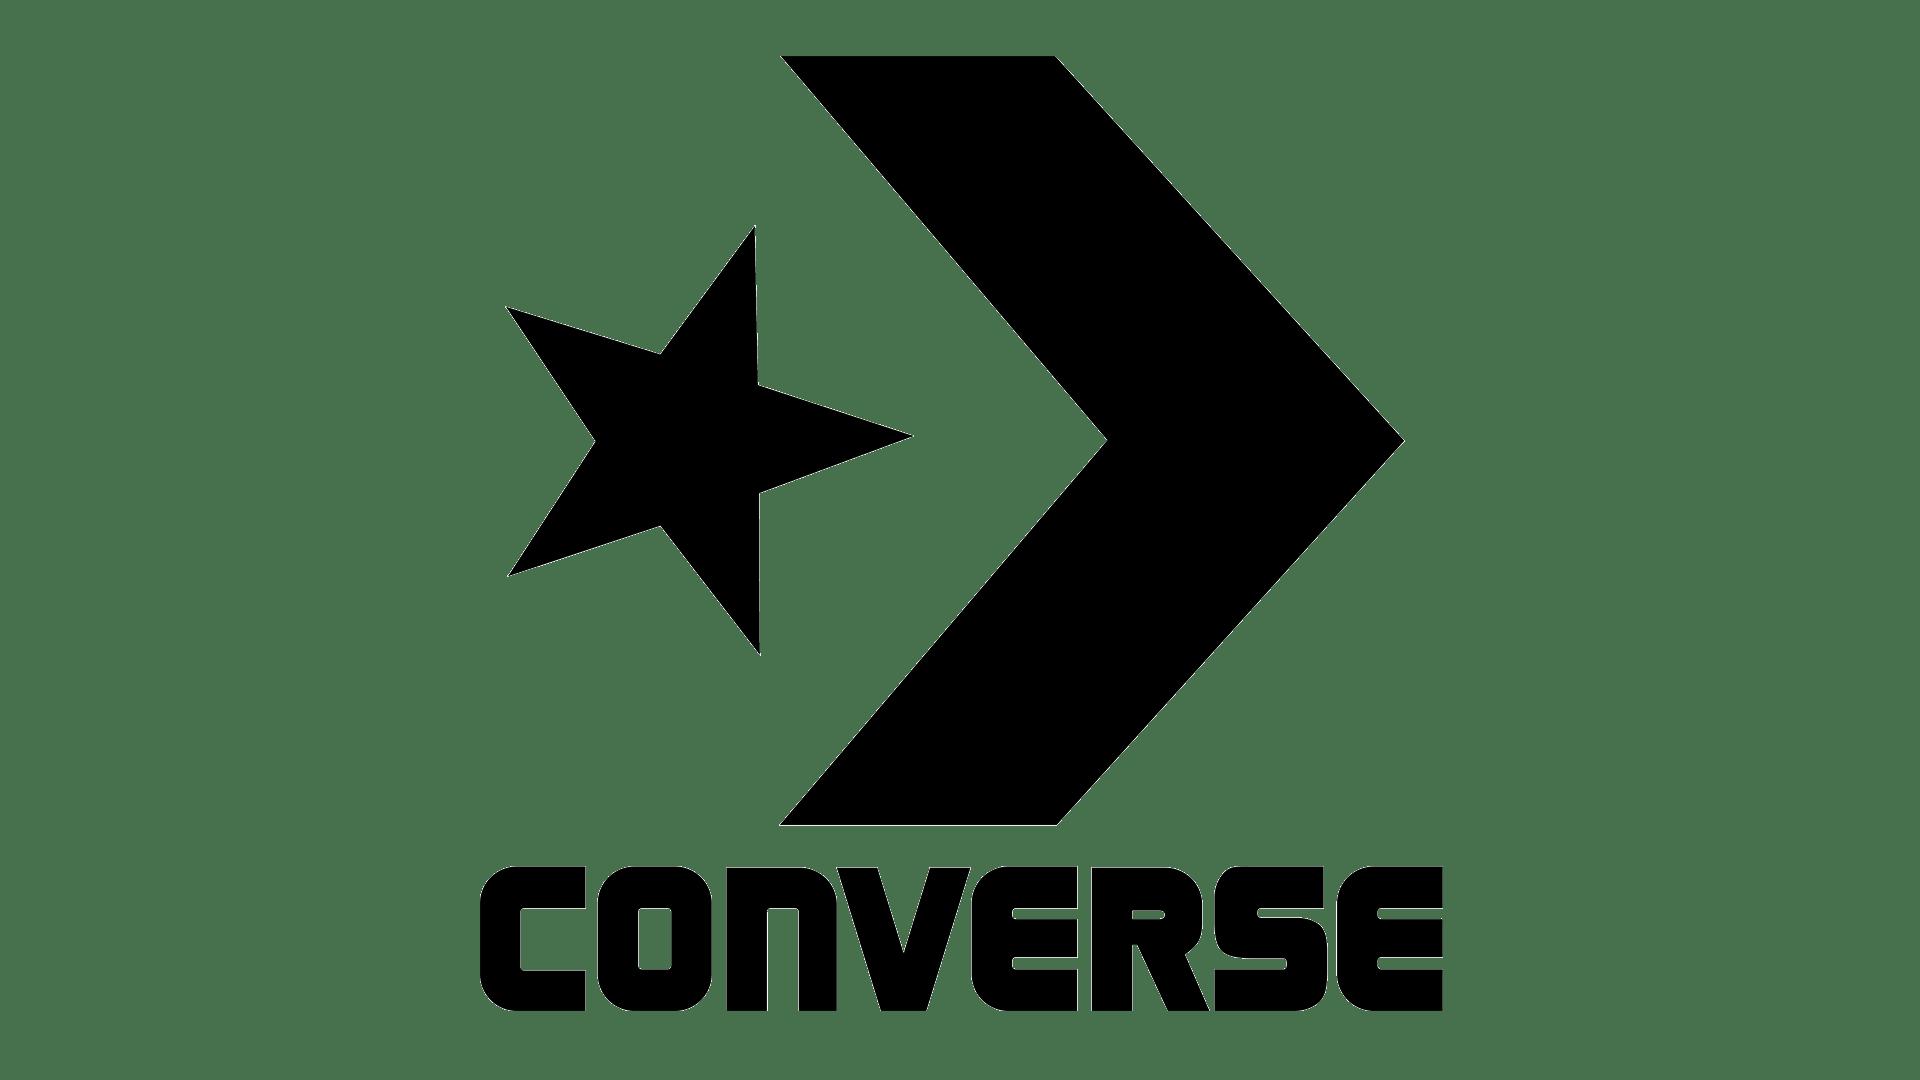 Guardia 鍔 Maletín  Converse Logo | LOGOS de MARCAS